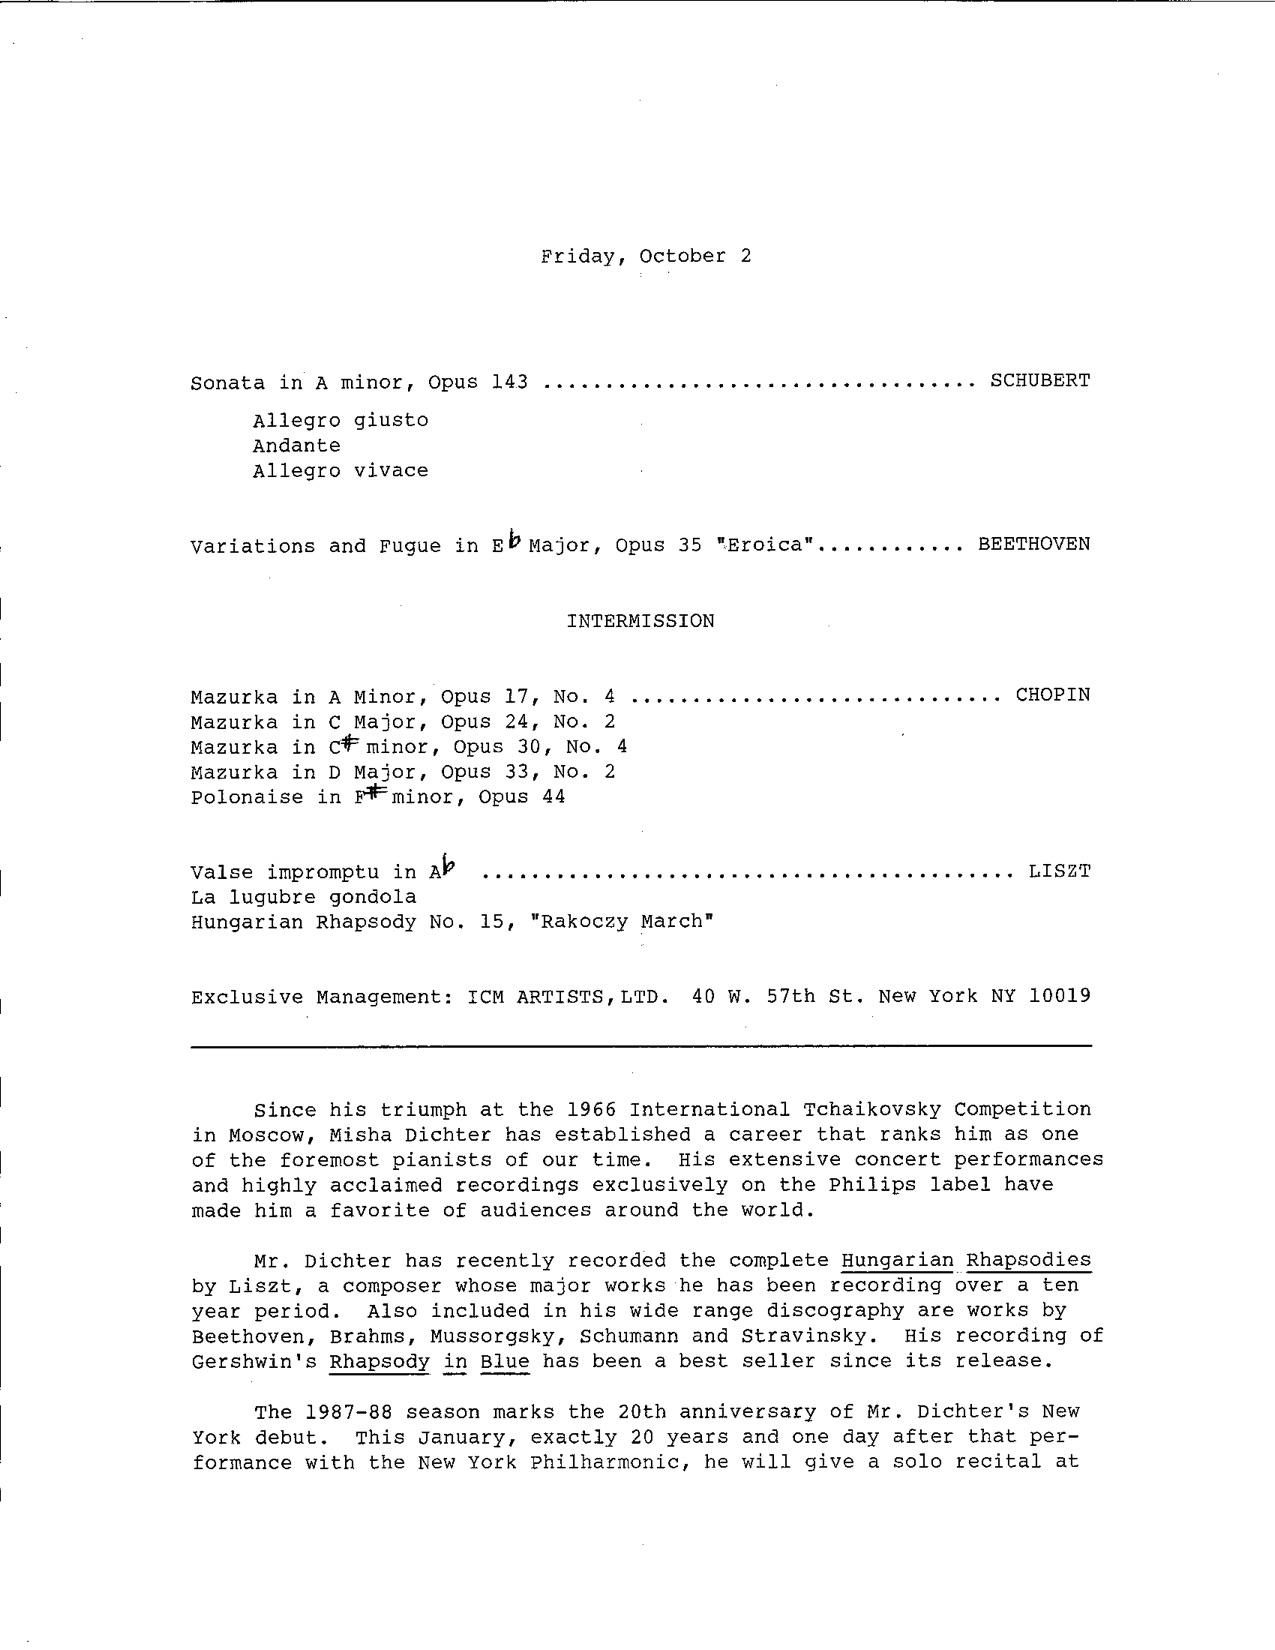 Dichter87-88_Program2.jpg